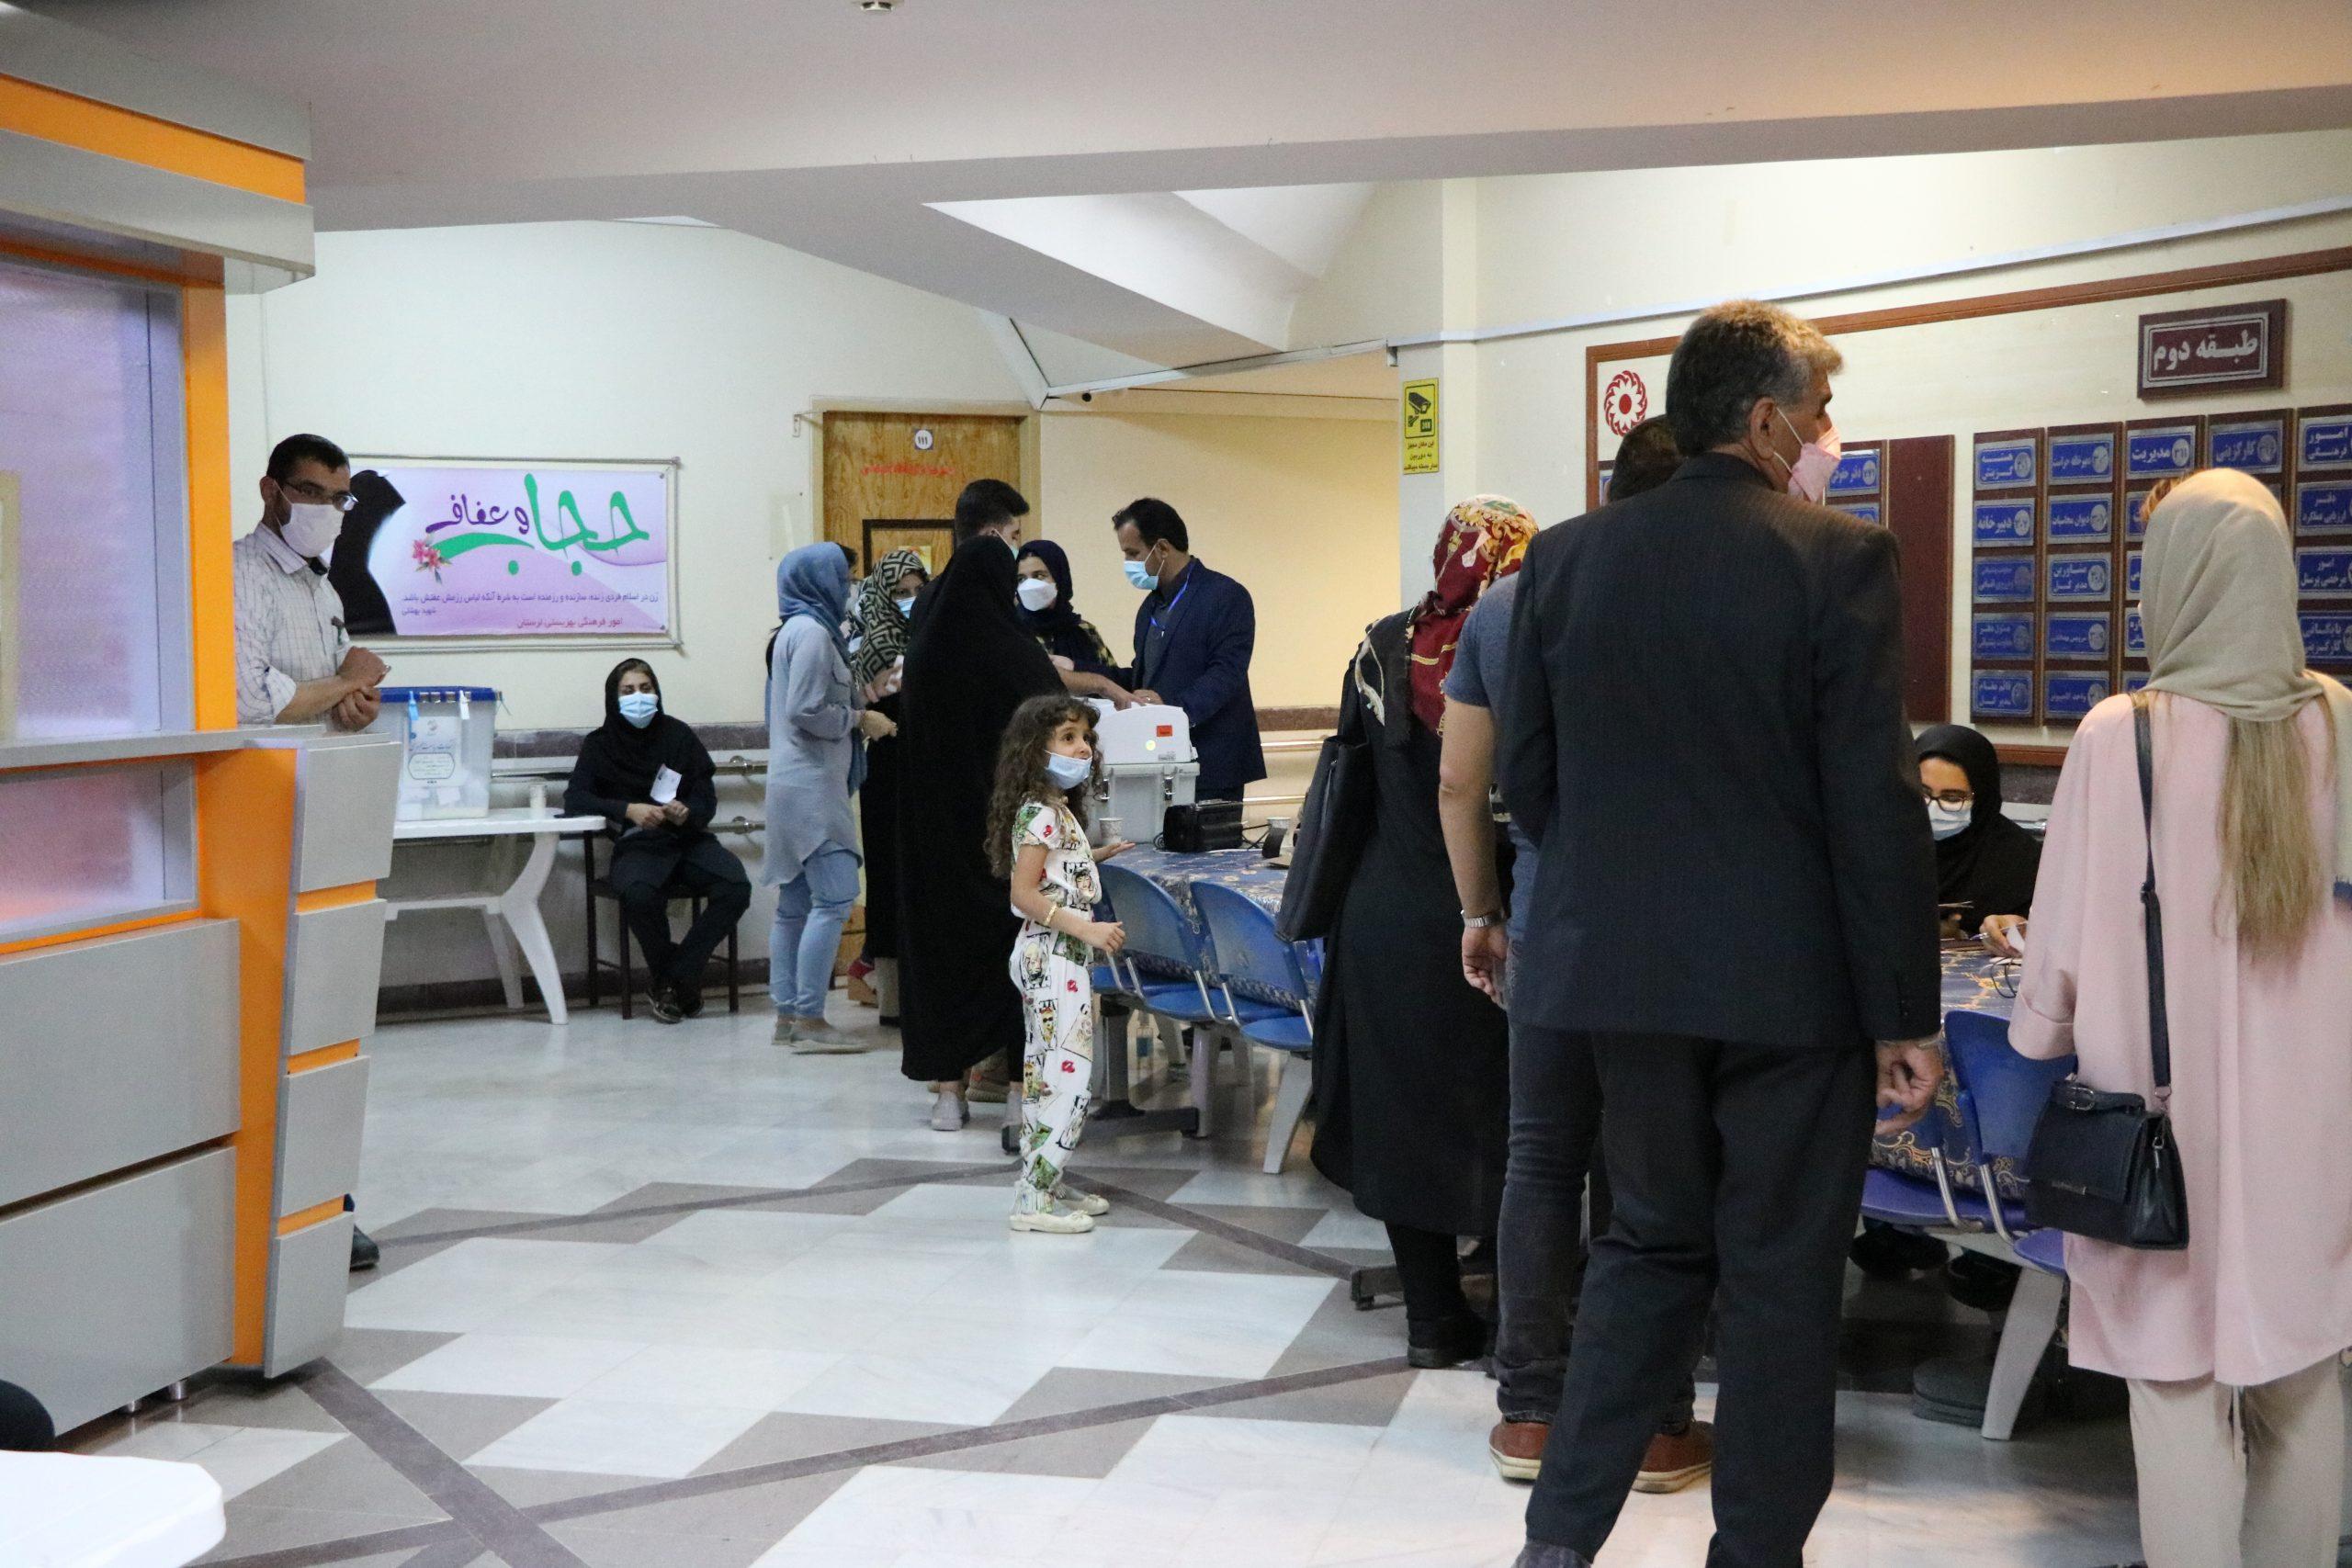 02 3 scaled | حضور پرشور مردم خرم آباد در پای صندوق های رای (2) | امید لرستان